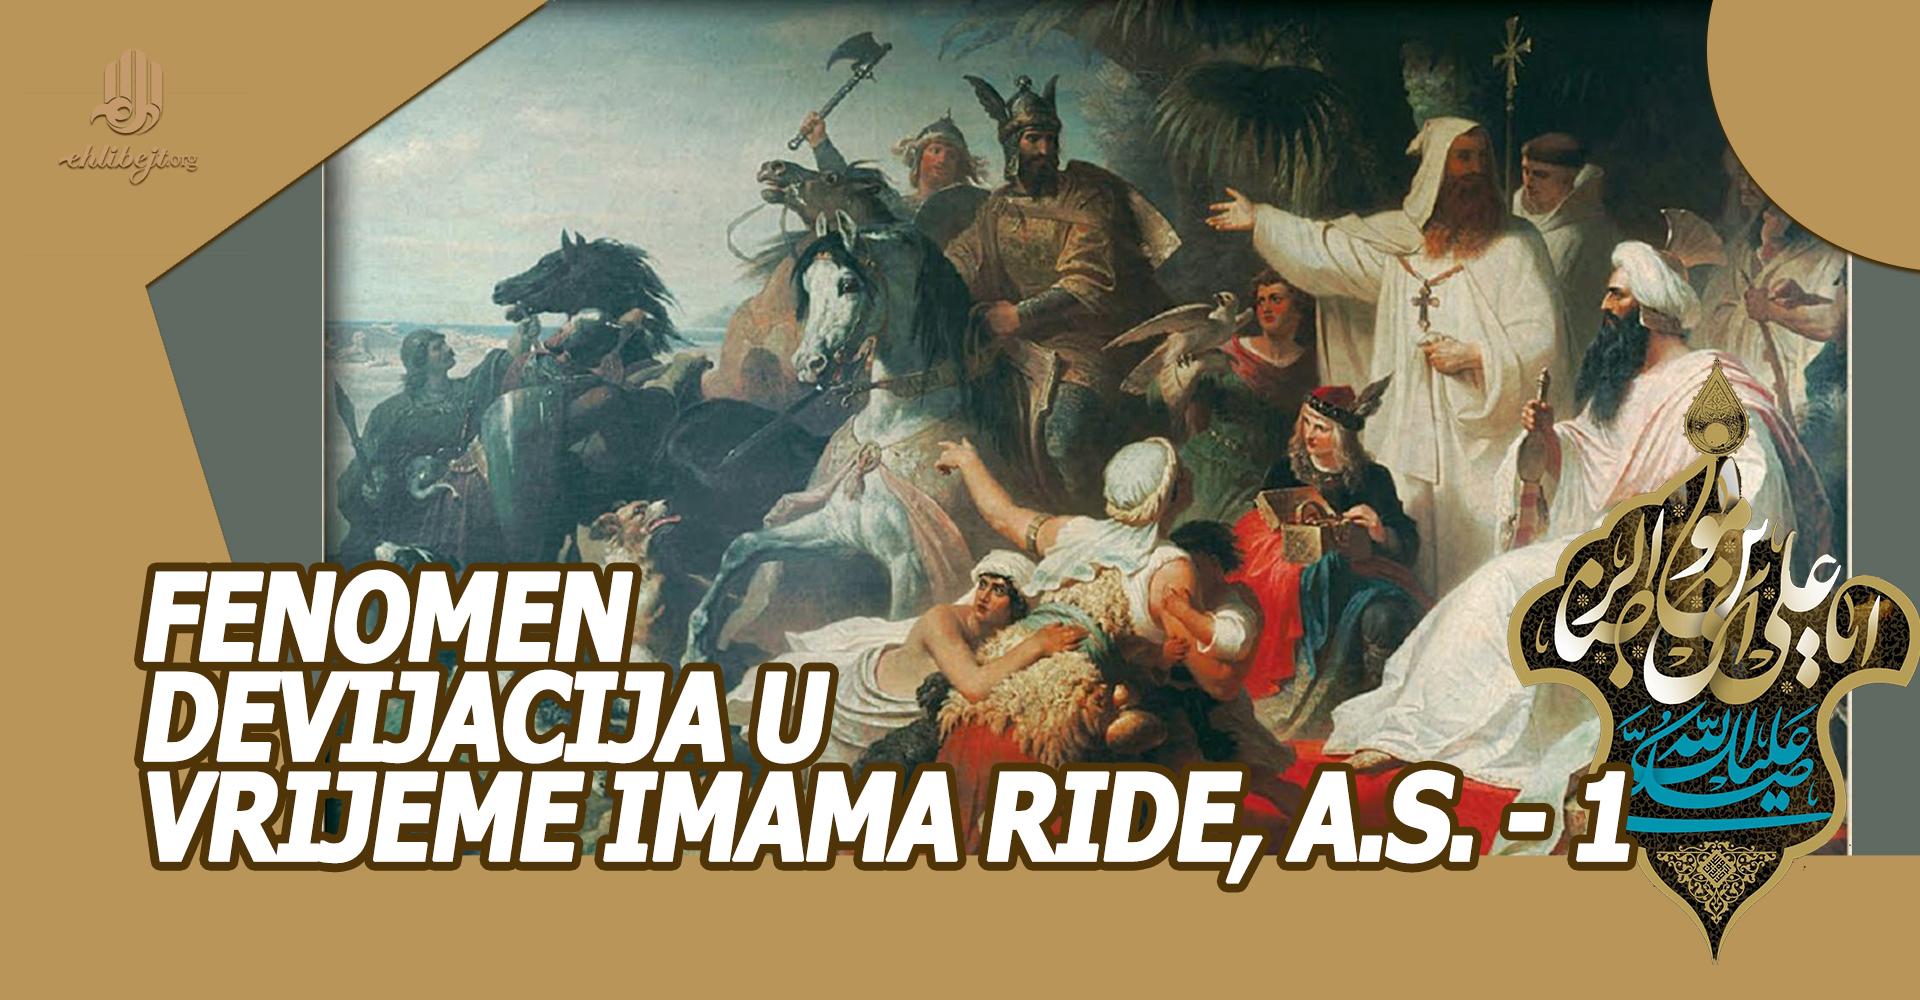 Fenomen devijacija u vrijeme Imama Ride, a.s. - 1